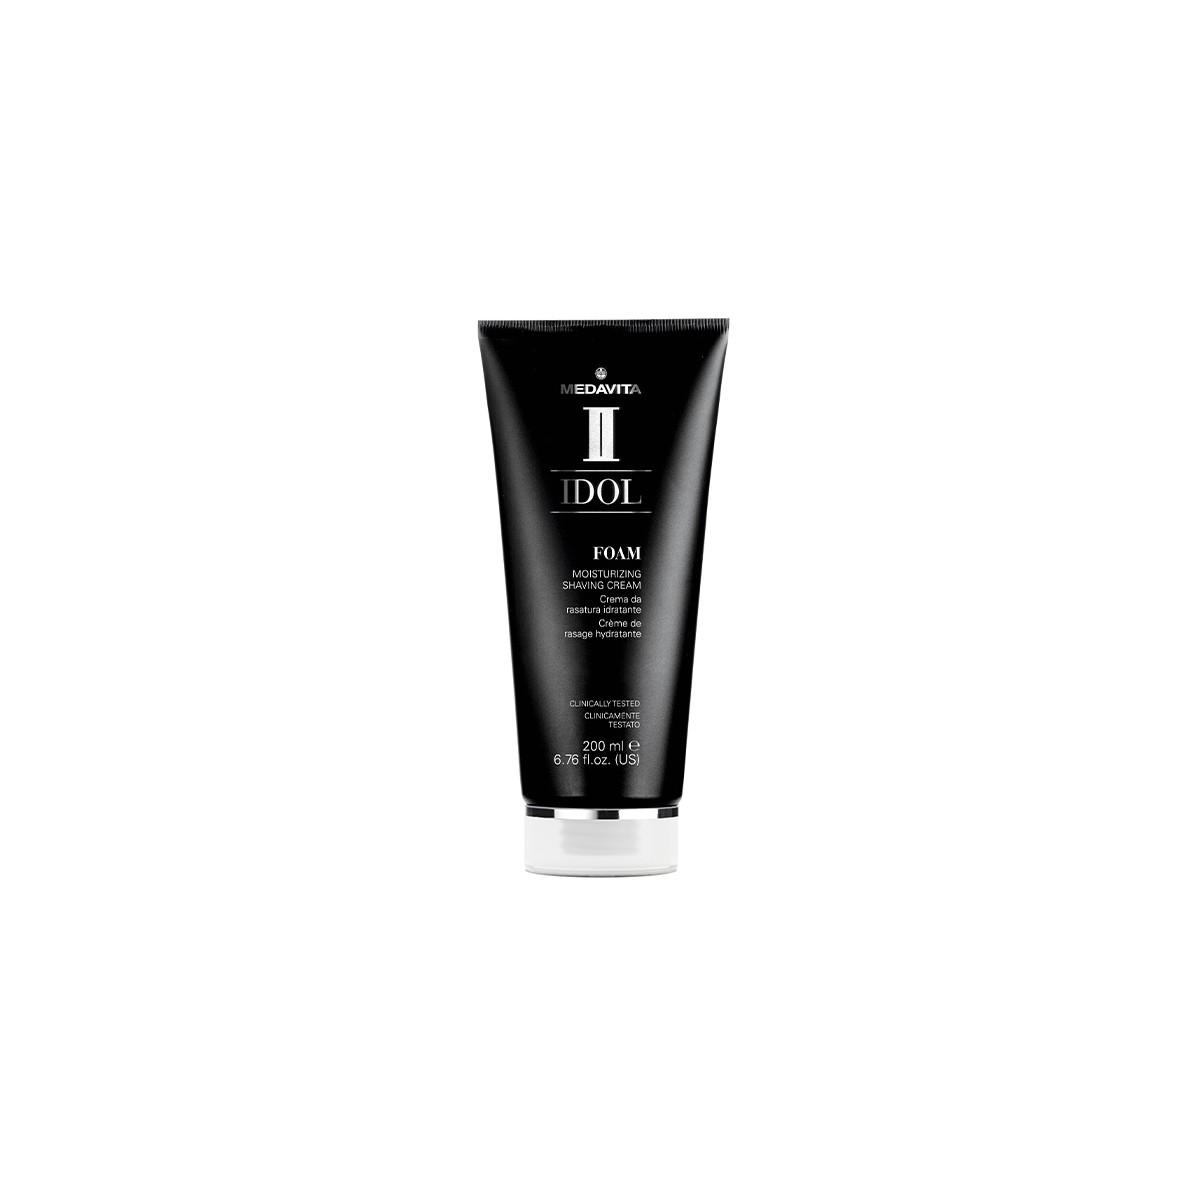 MEDAVITA Idol Man Foam Moisturizing Shaving Cream 200ml - Nawilżający krem do golenia